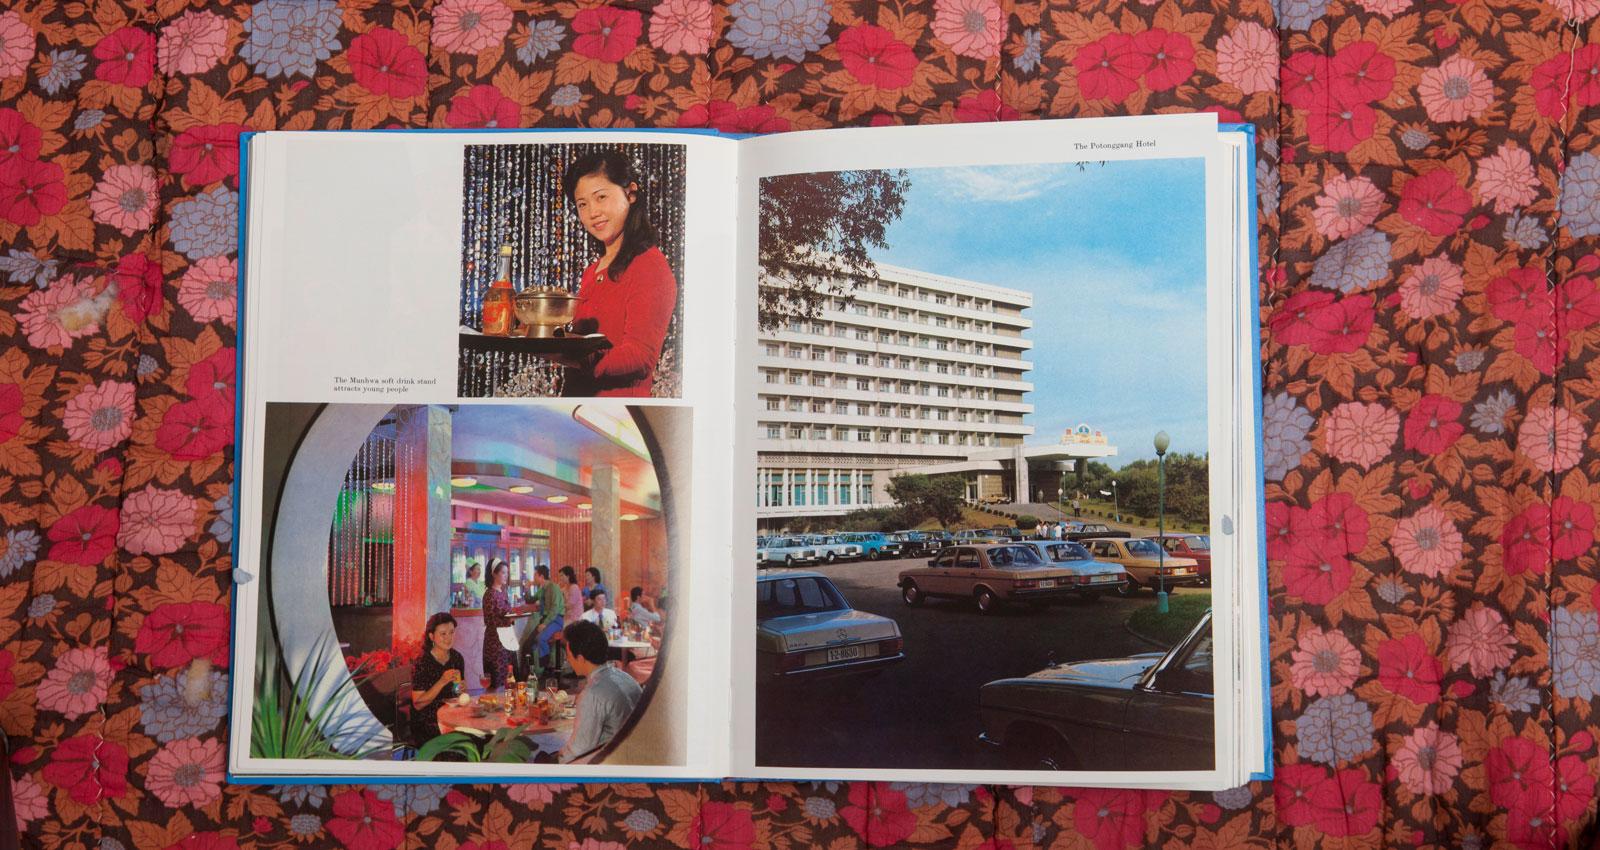 """Stämningen i boken är rakt igenom kuslig. Man anar stenhård regi in i minsta detalj. Ovan en alkoholfri bar som """"lockar unga"""". Till höger får överlyckliga barn träffa """"den store ledaren"""" Kim Il Sung i nöjesparken i Mangyongdae."""